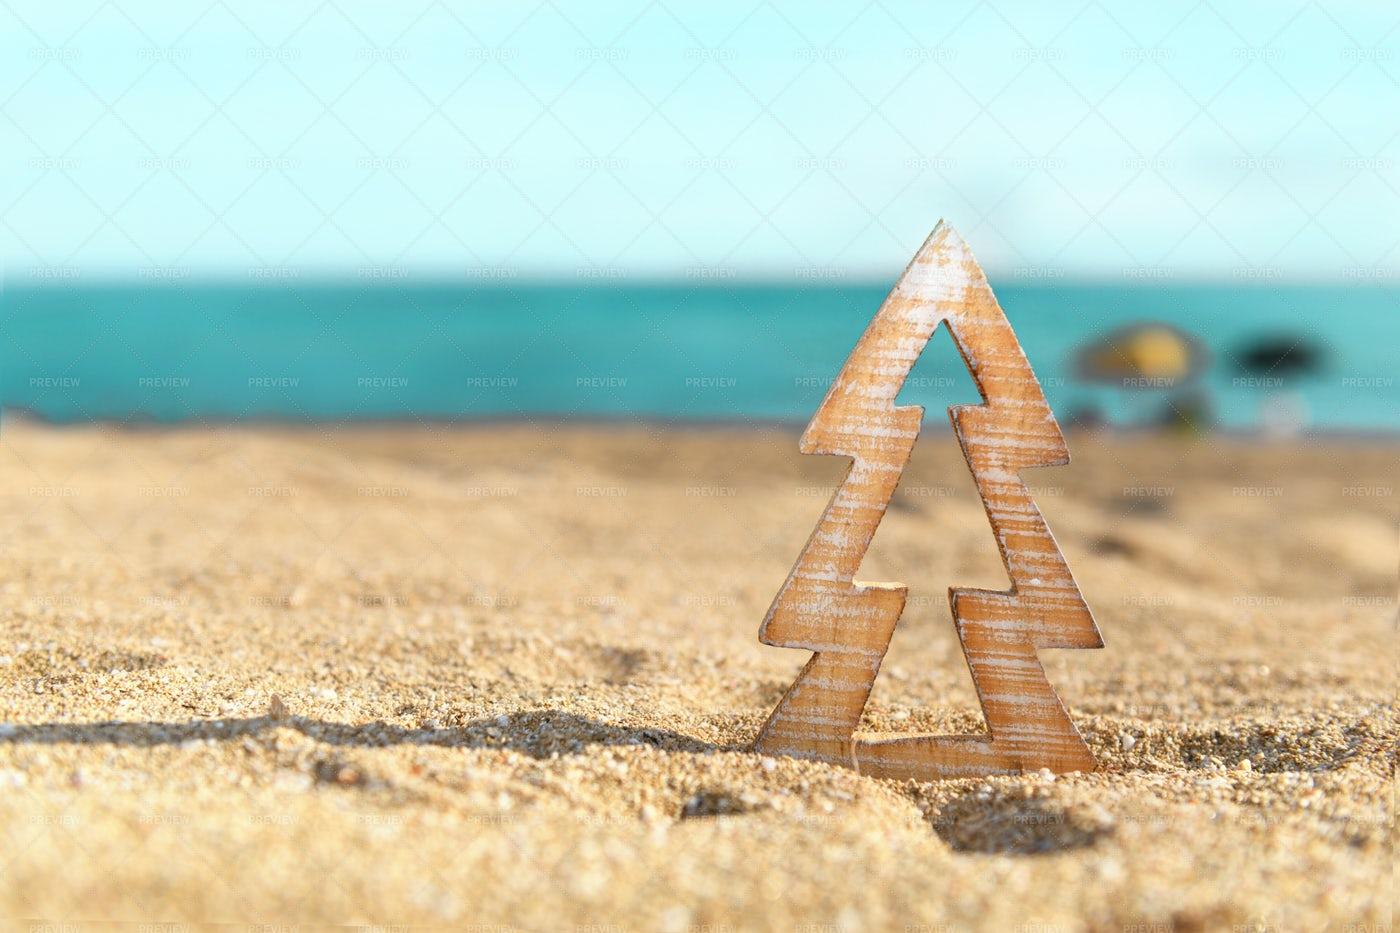 Wood Christmas Decoration On The Beach: Stock Photos